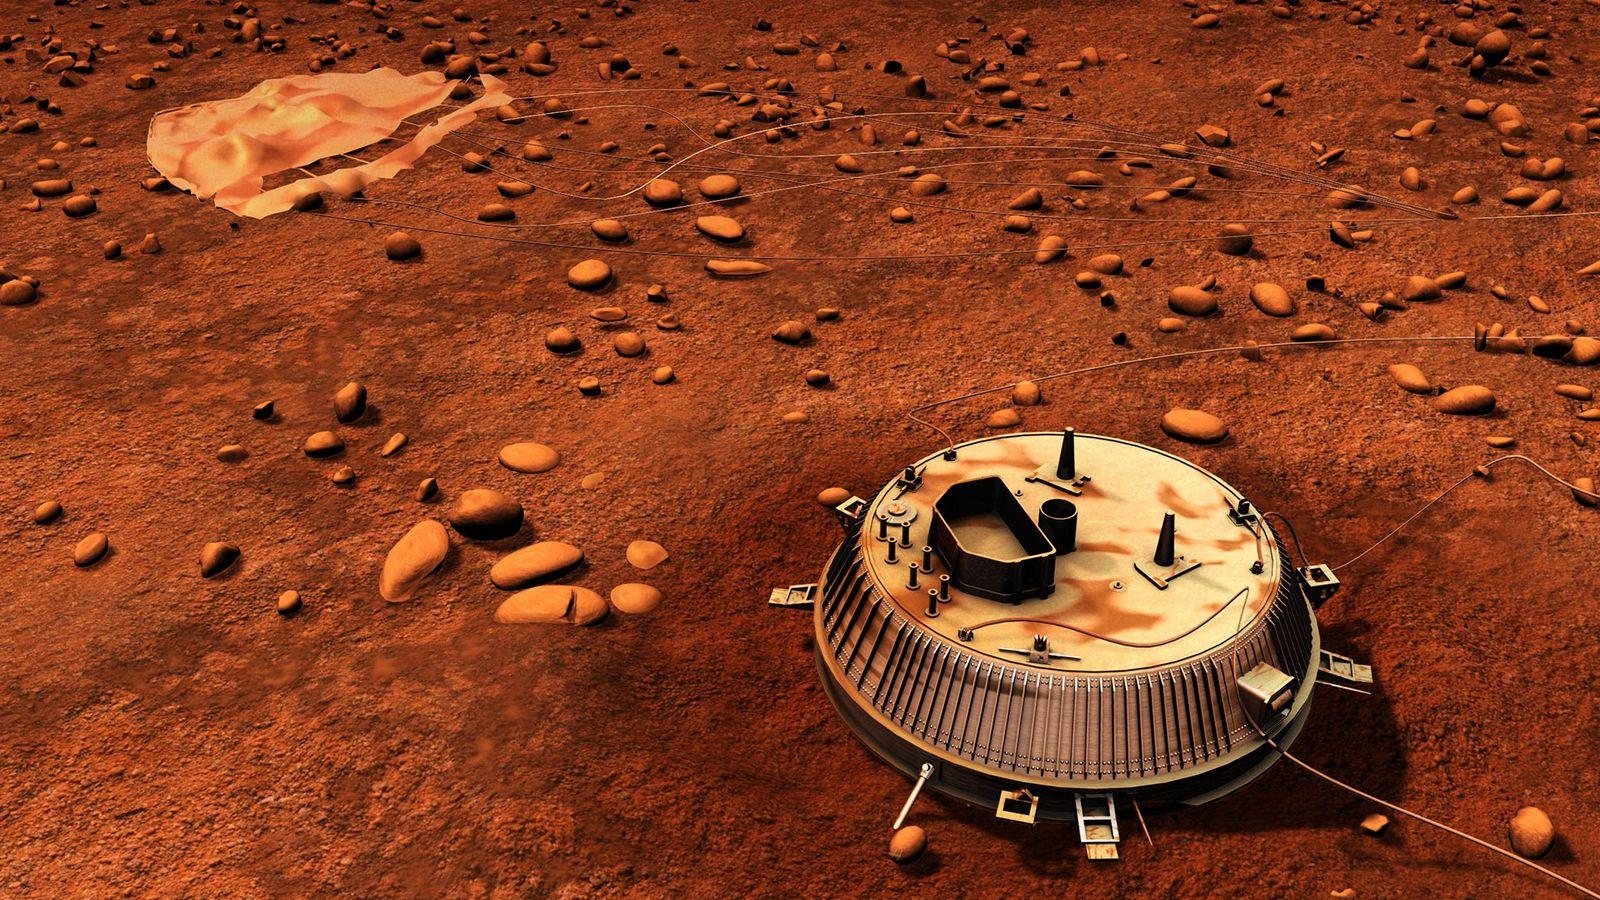 Una ilustración muestra el lugar de aterrizaje de la sonda Huygens en Titán, la luna más ...